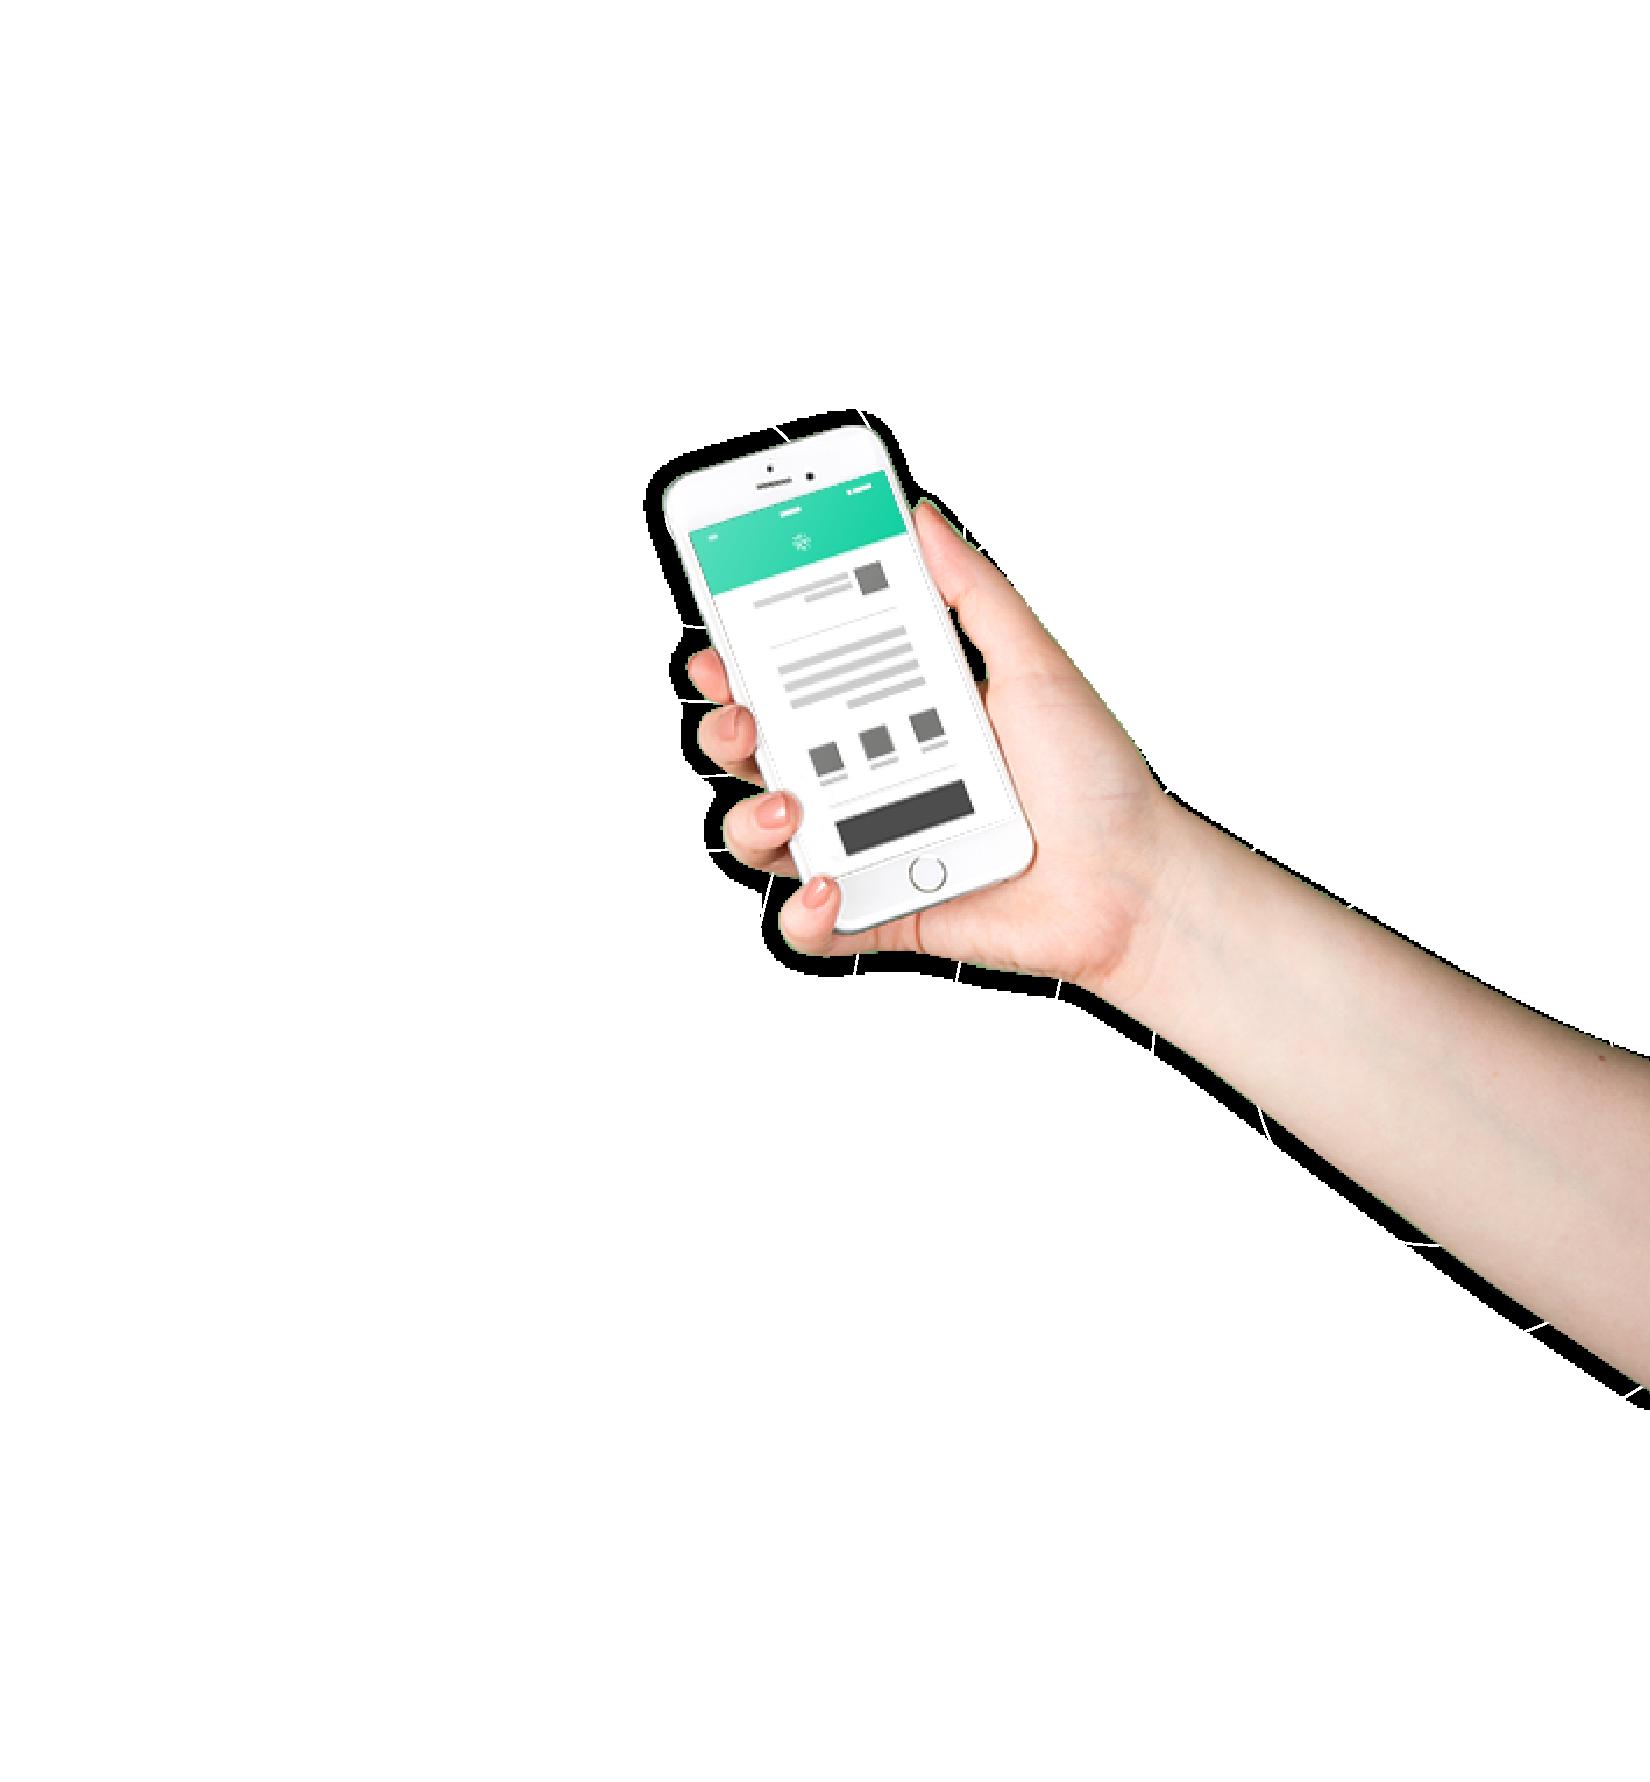 Brazo sosteniendo un celular con la app de Cirrus